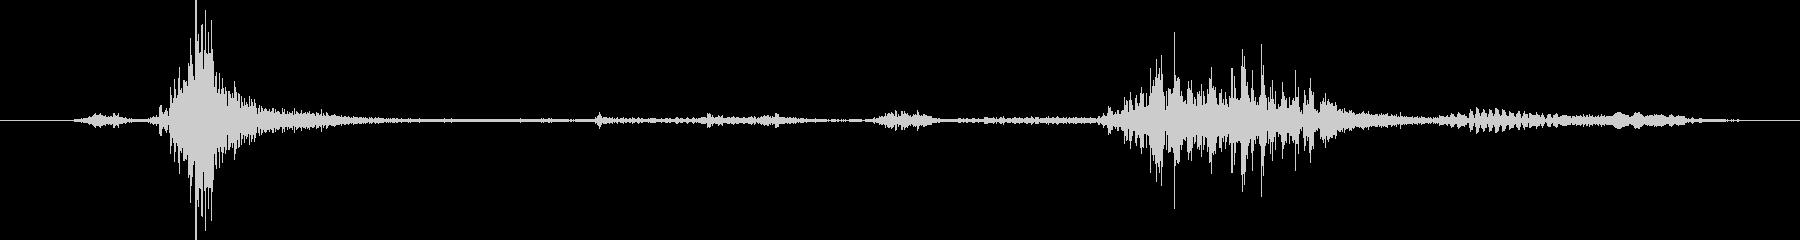 ミニチュアシュナウザー:シングルバ...の未再生の波形